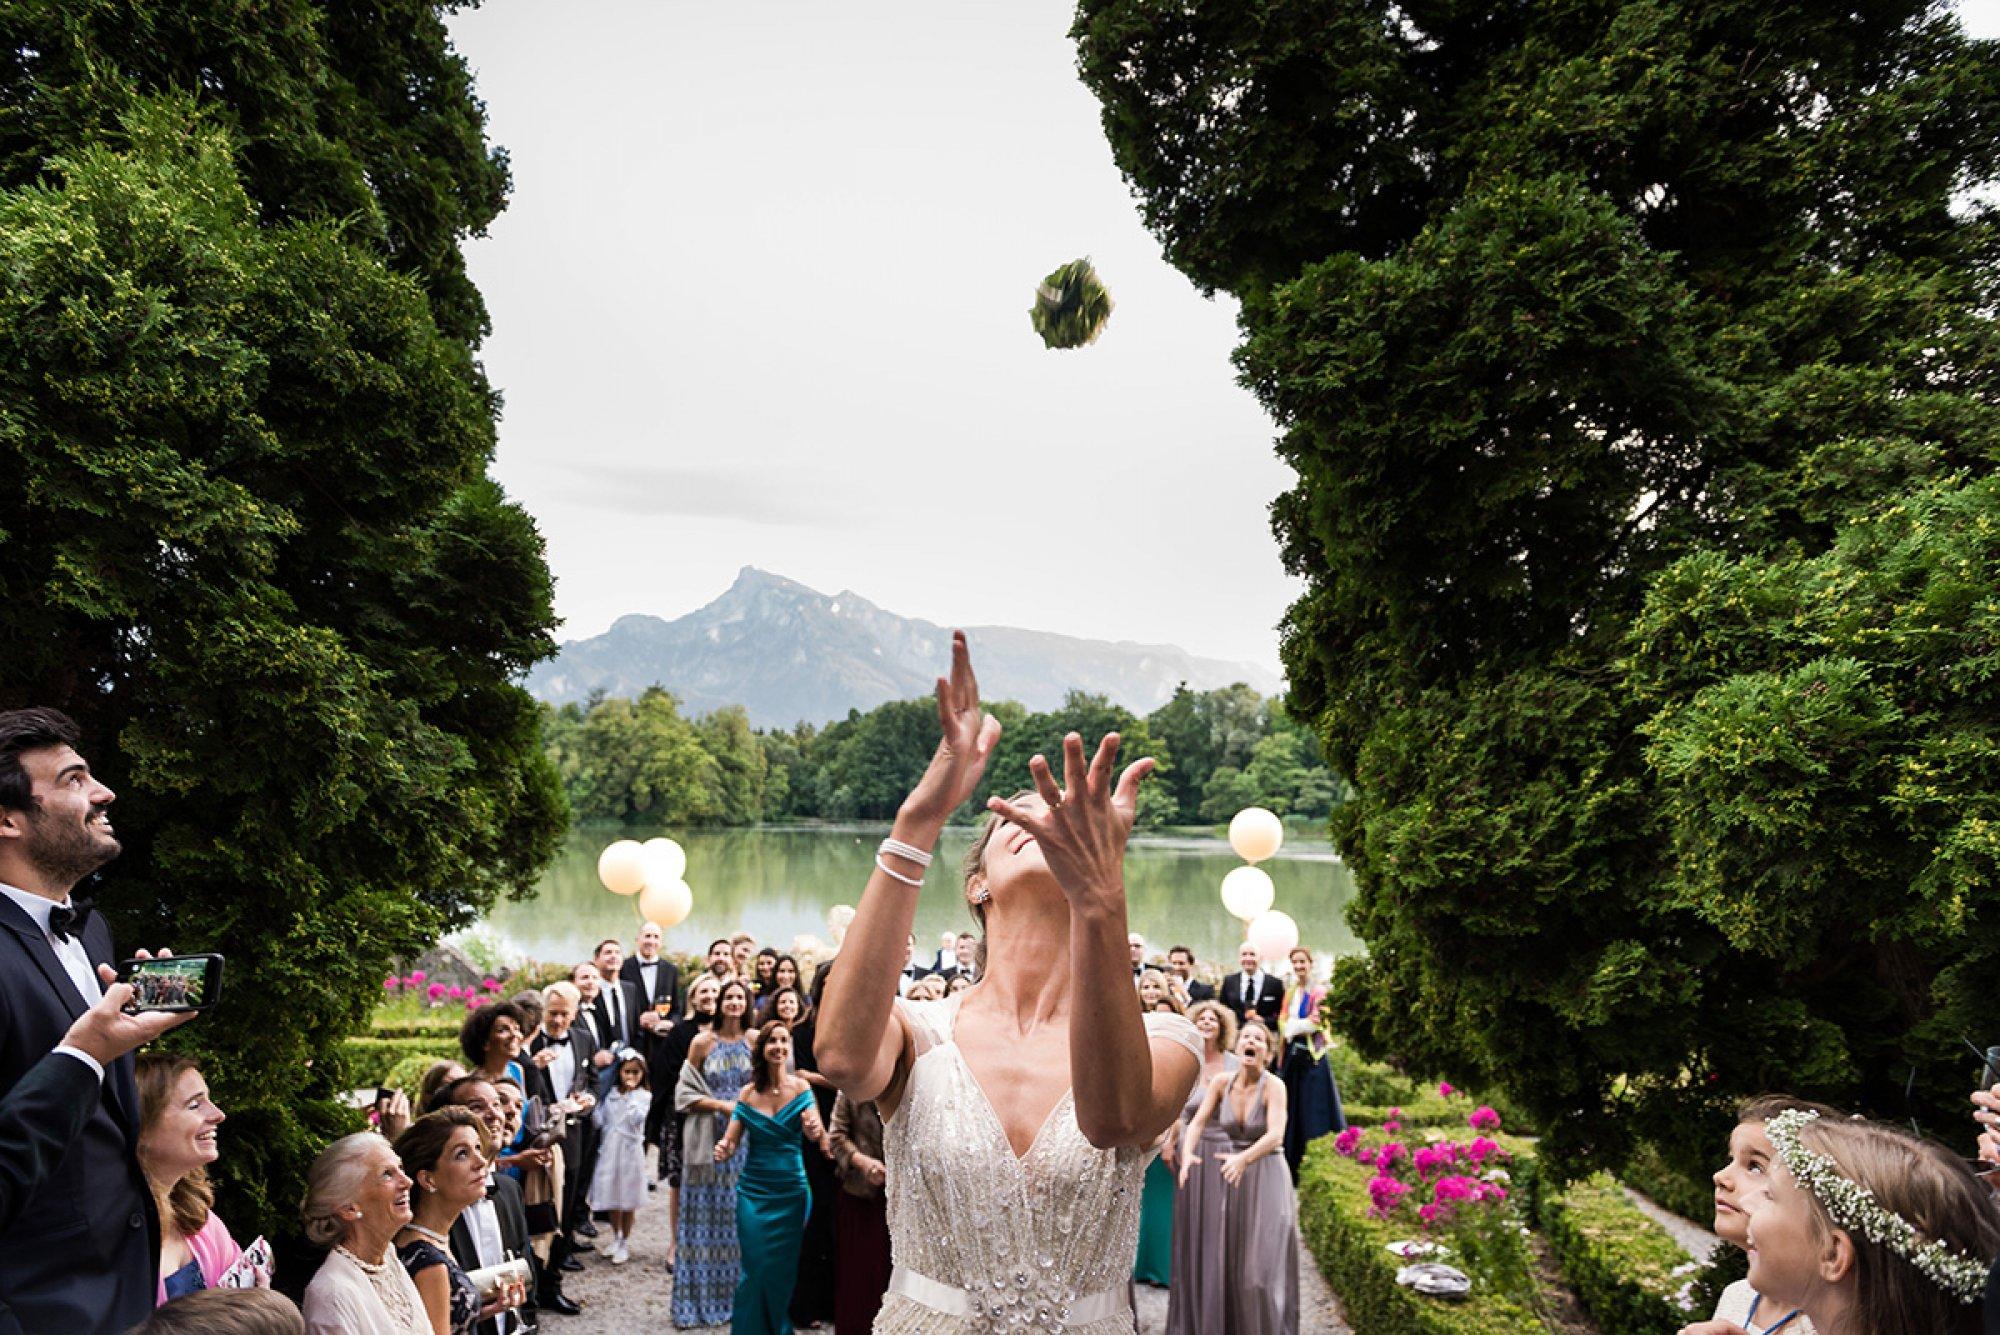 Hochzeitsplaner Salzburg - Stressfree Weddings by SandraM